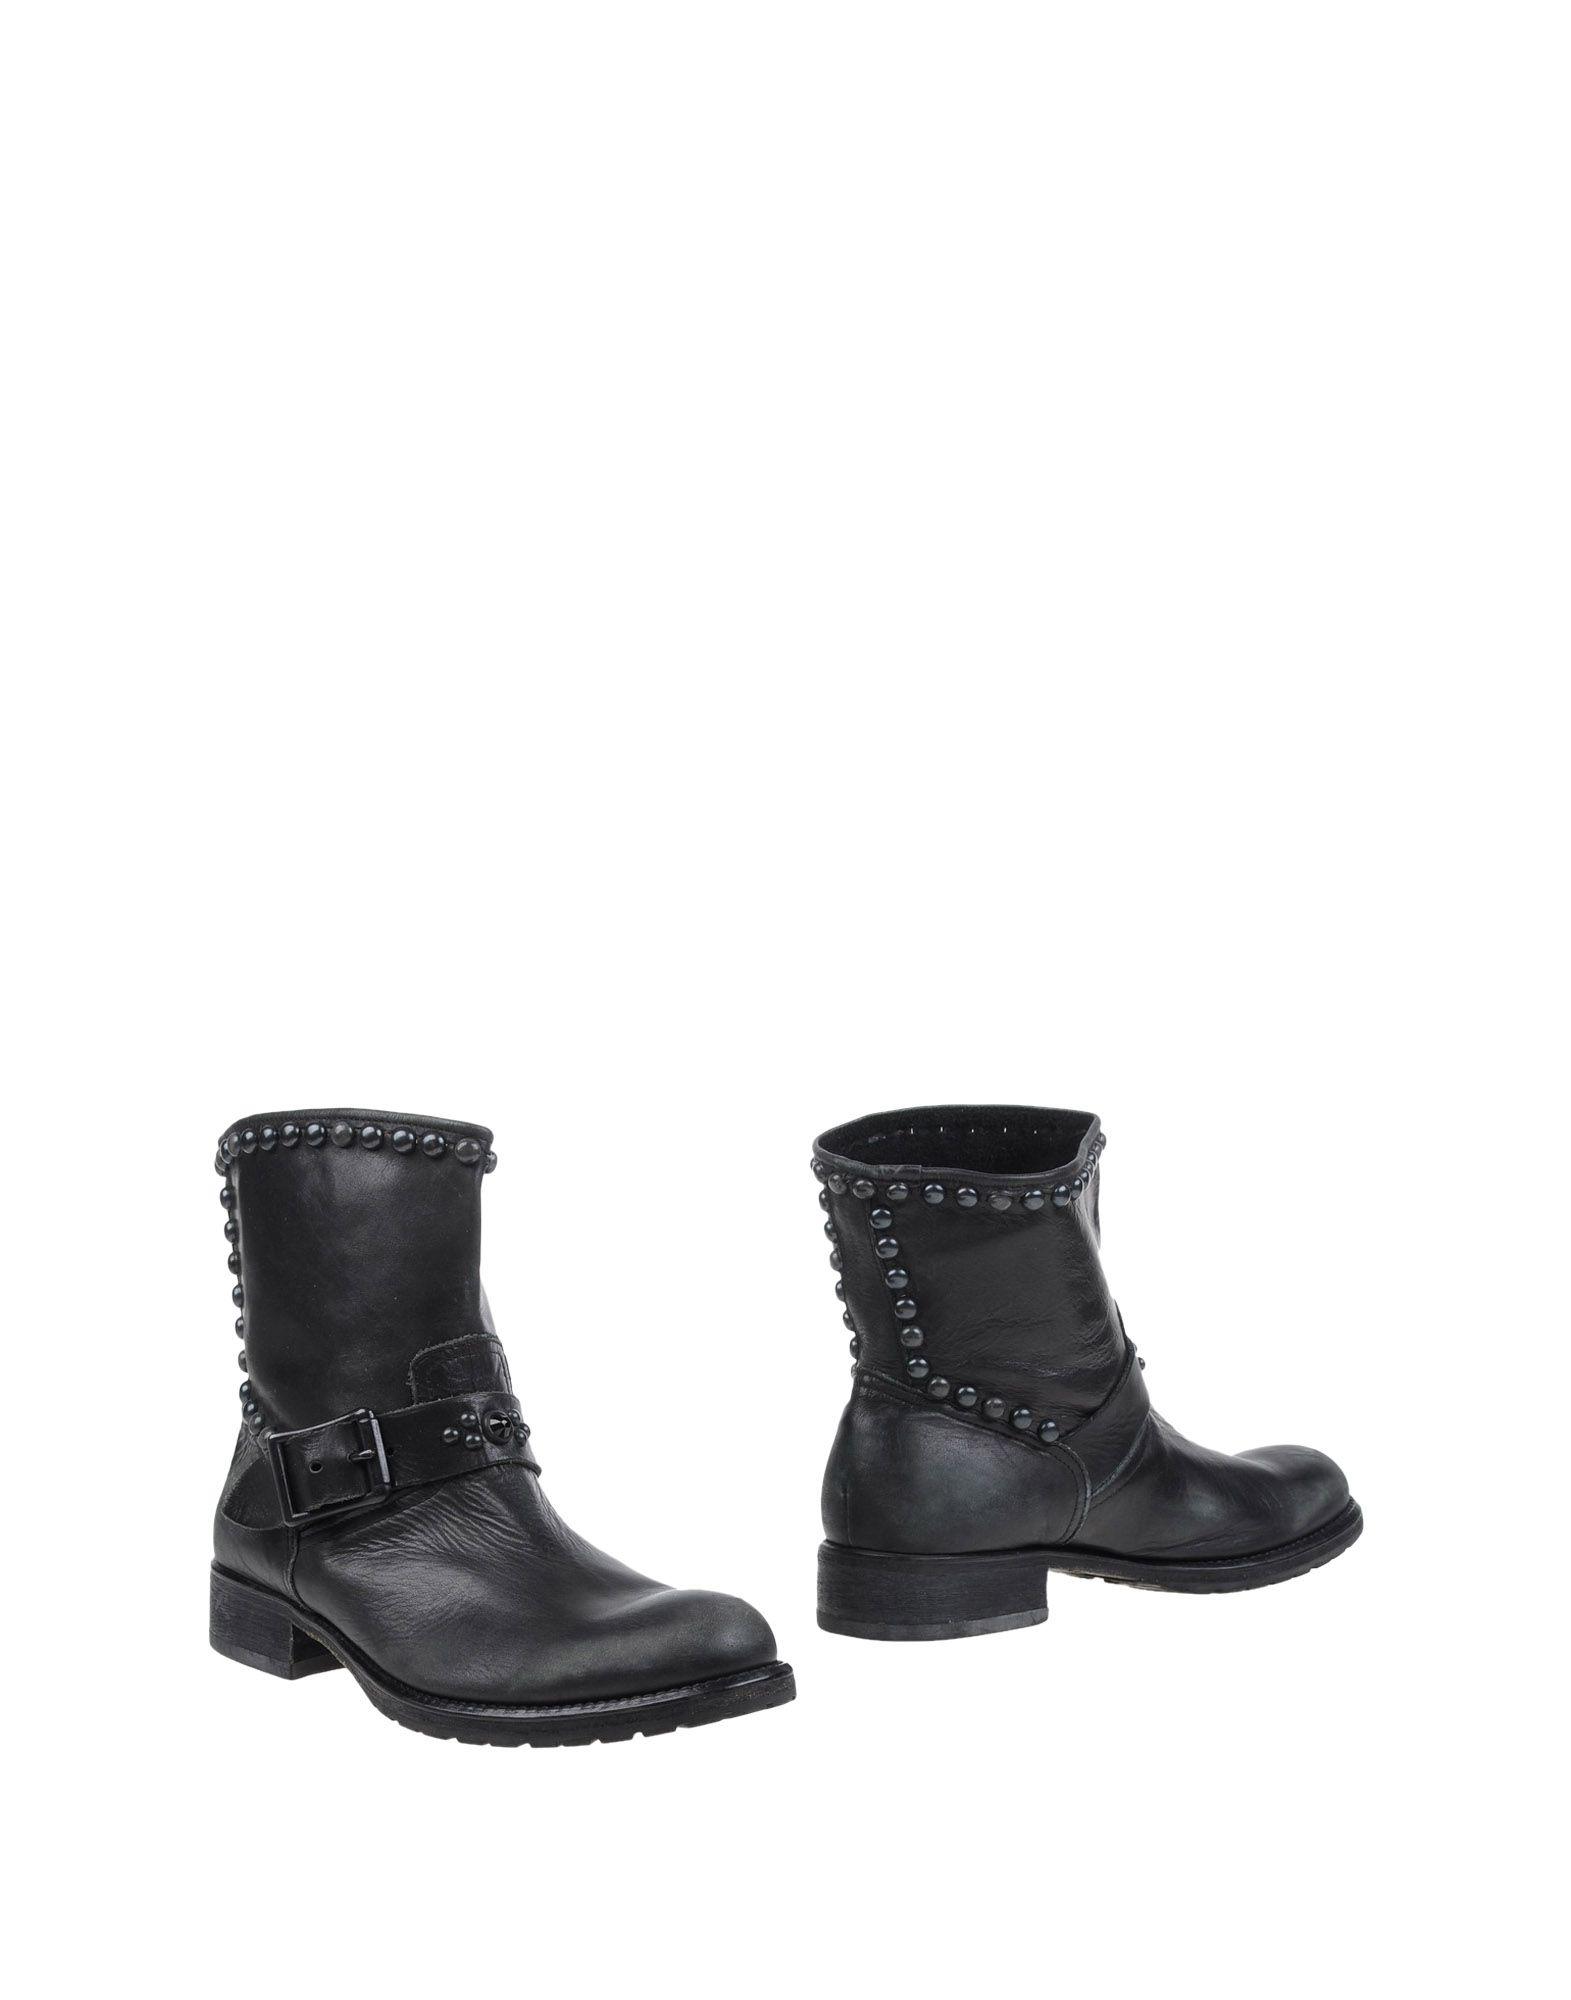 Haltbare Mode billige Schuhe Htc Stiefelette Damen  11095652XP Heiße Schuhe